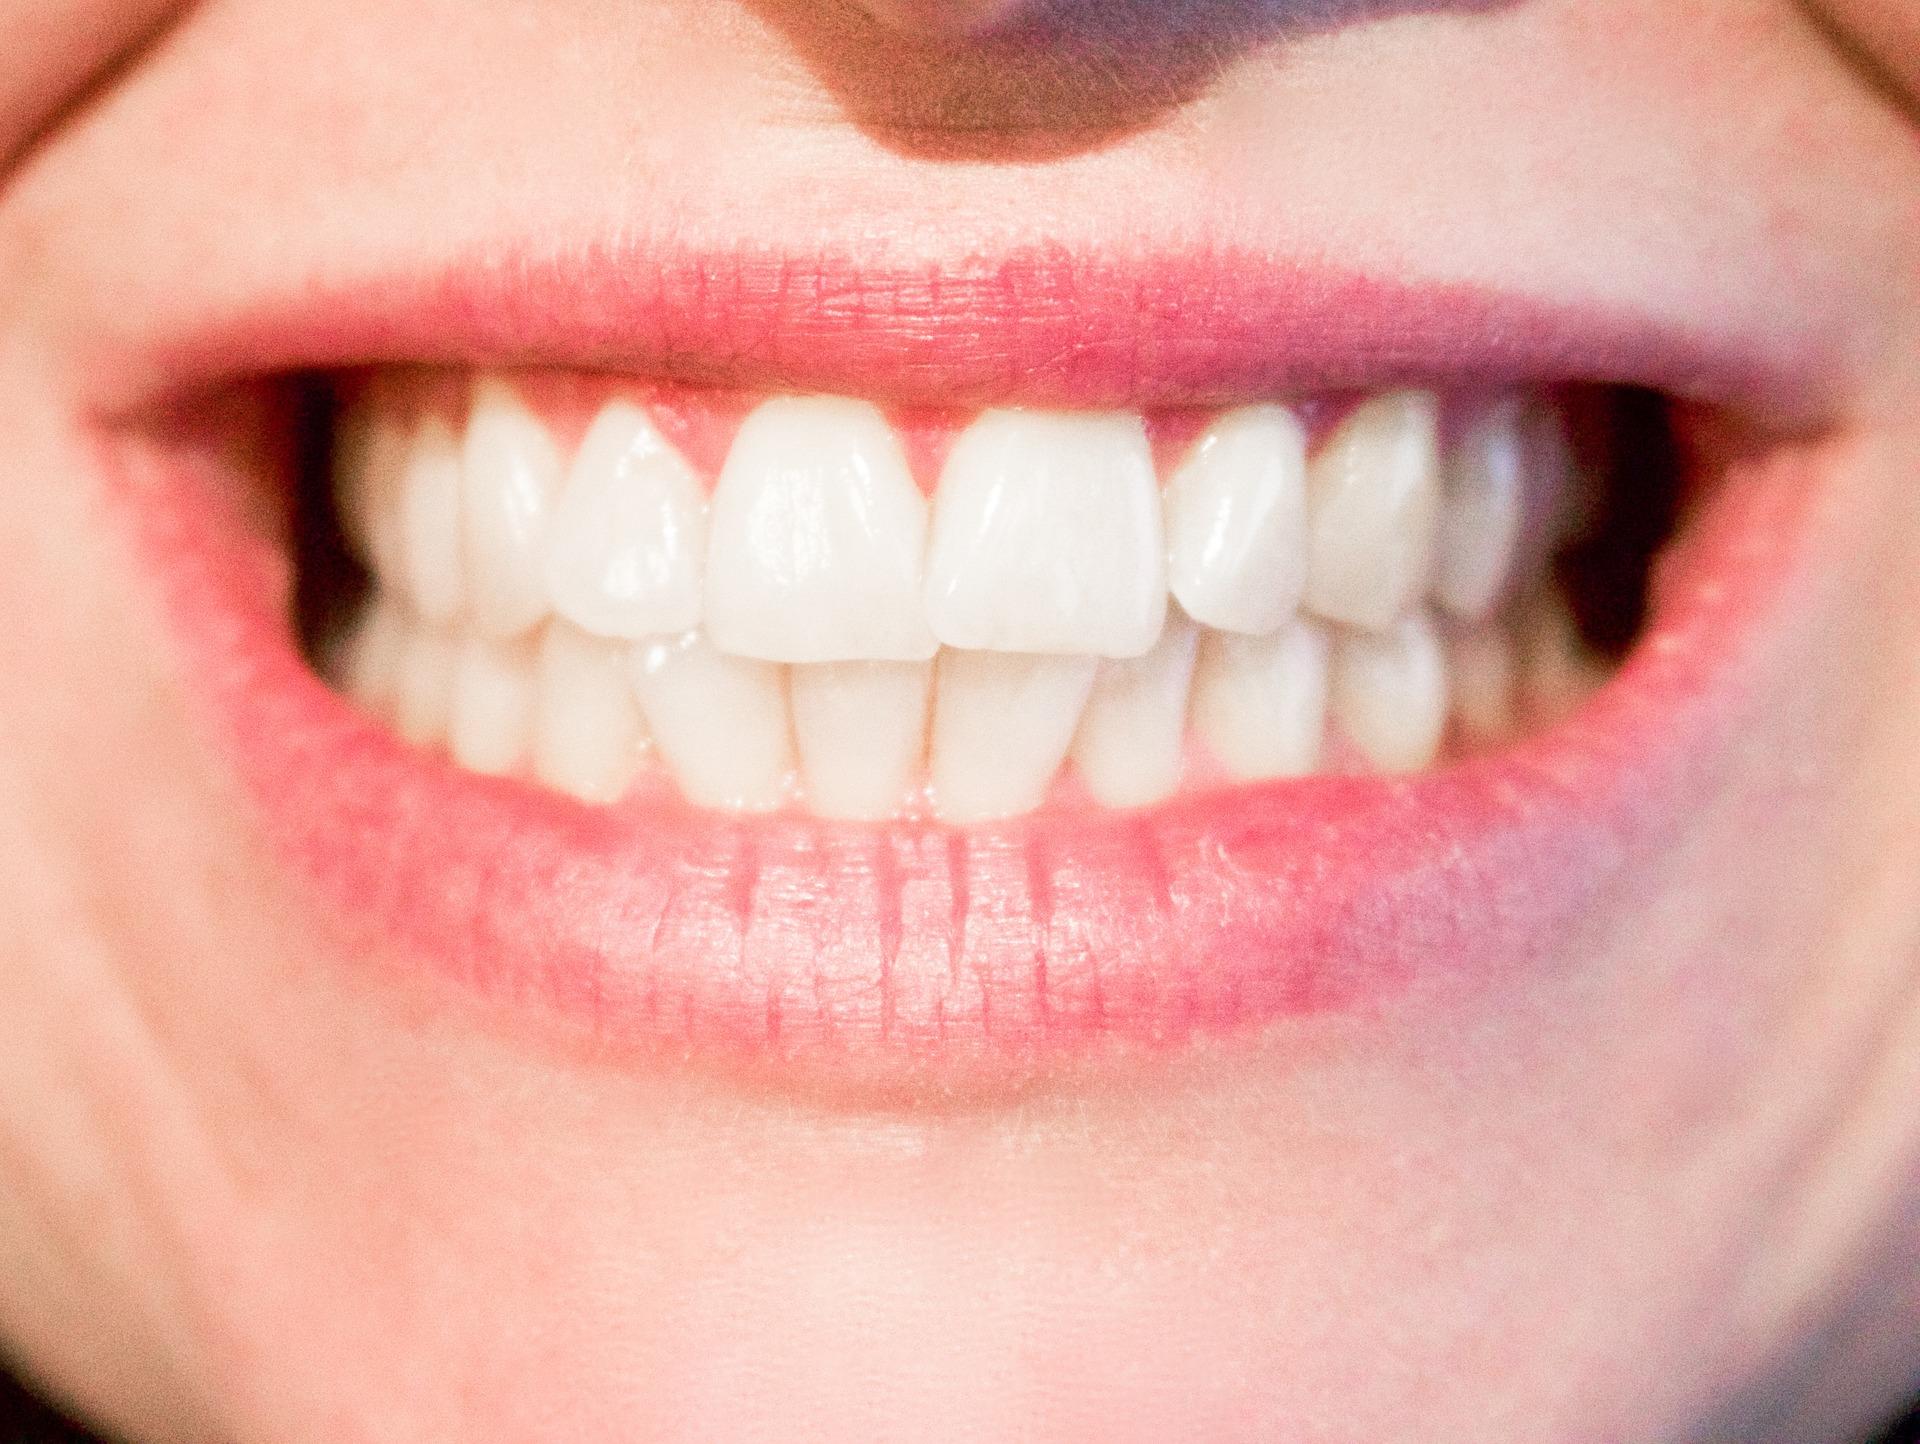 cele mai comune probleme dentare